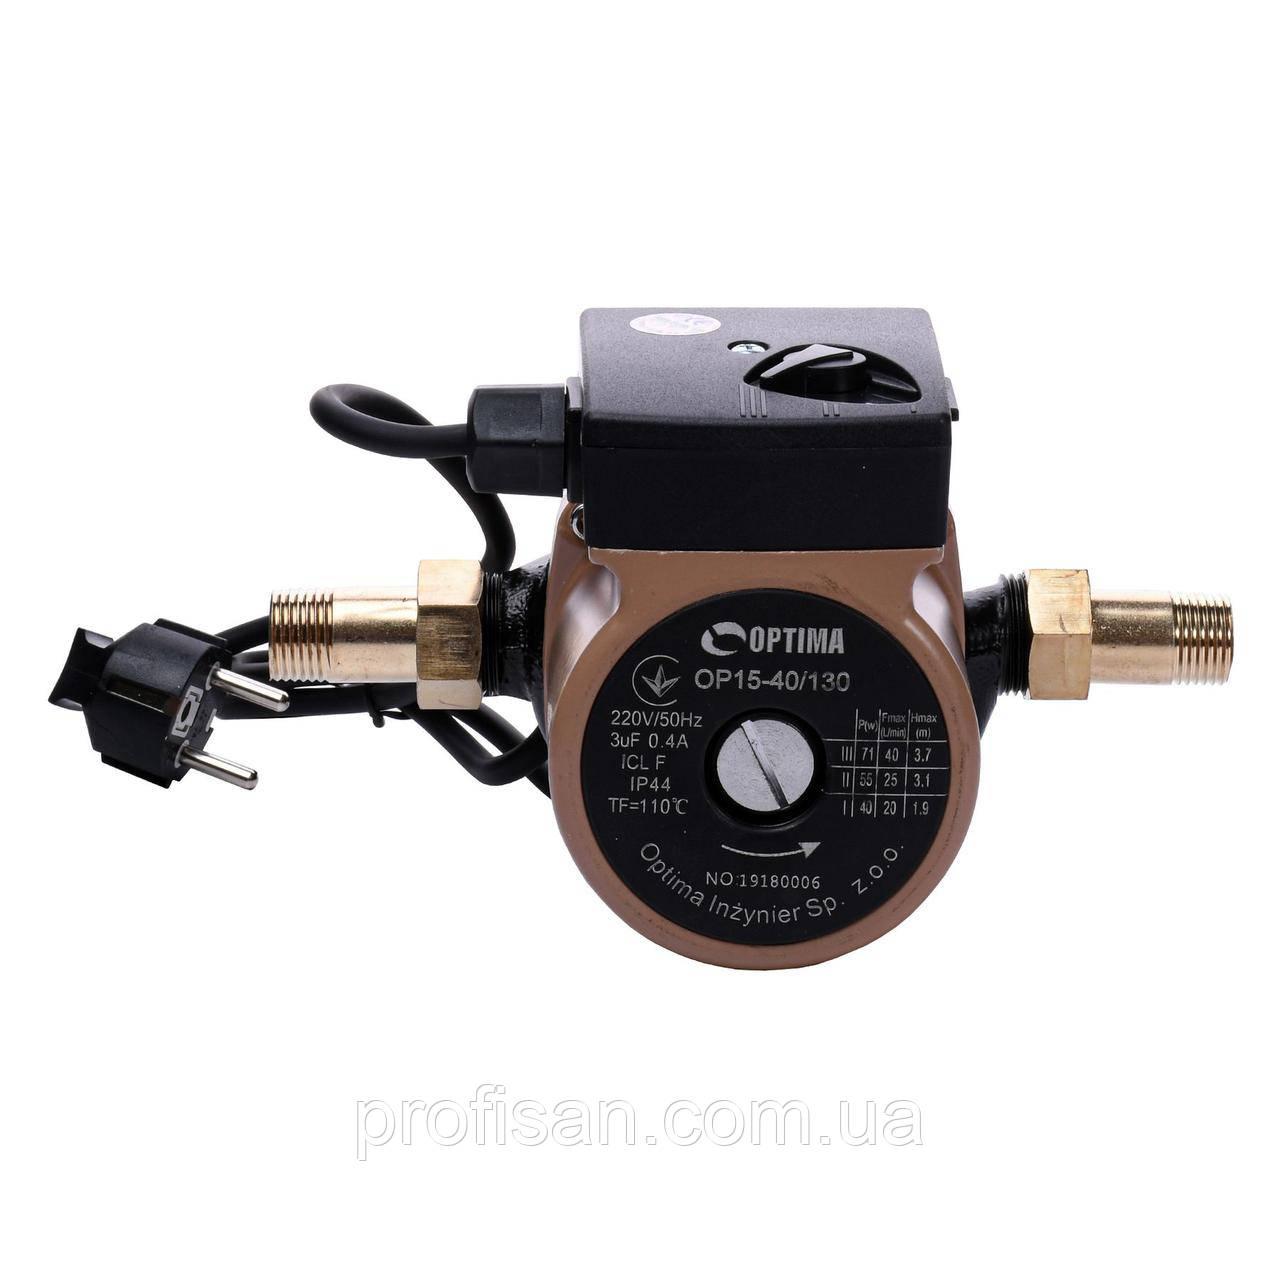 Насос  циркуляційний Optima OP15-40 130мм + гайки, + кабель з вилкою!